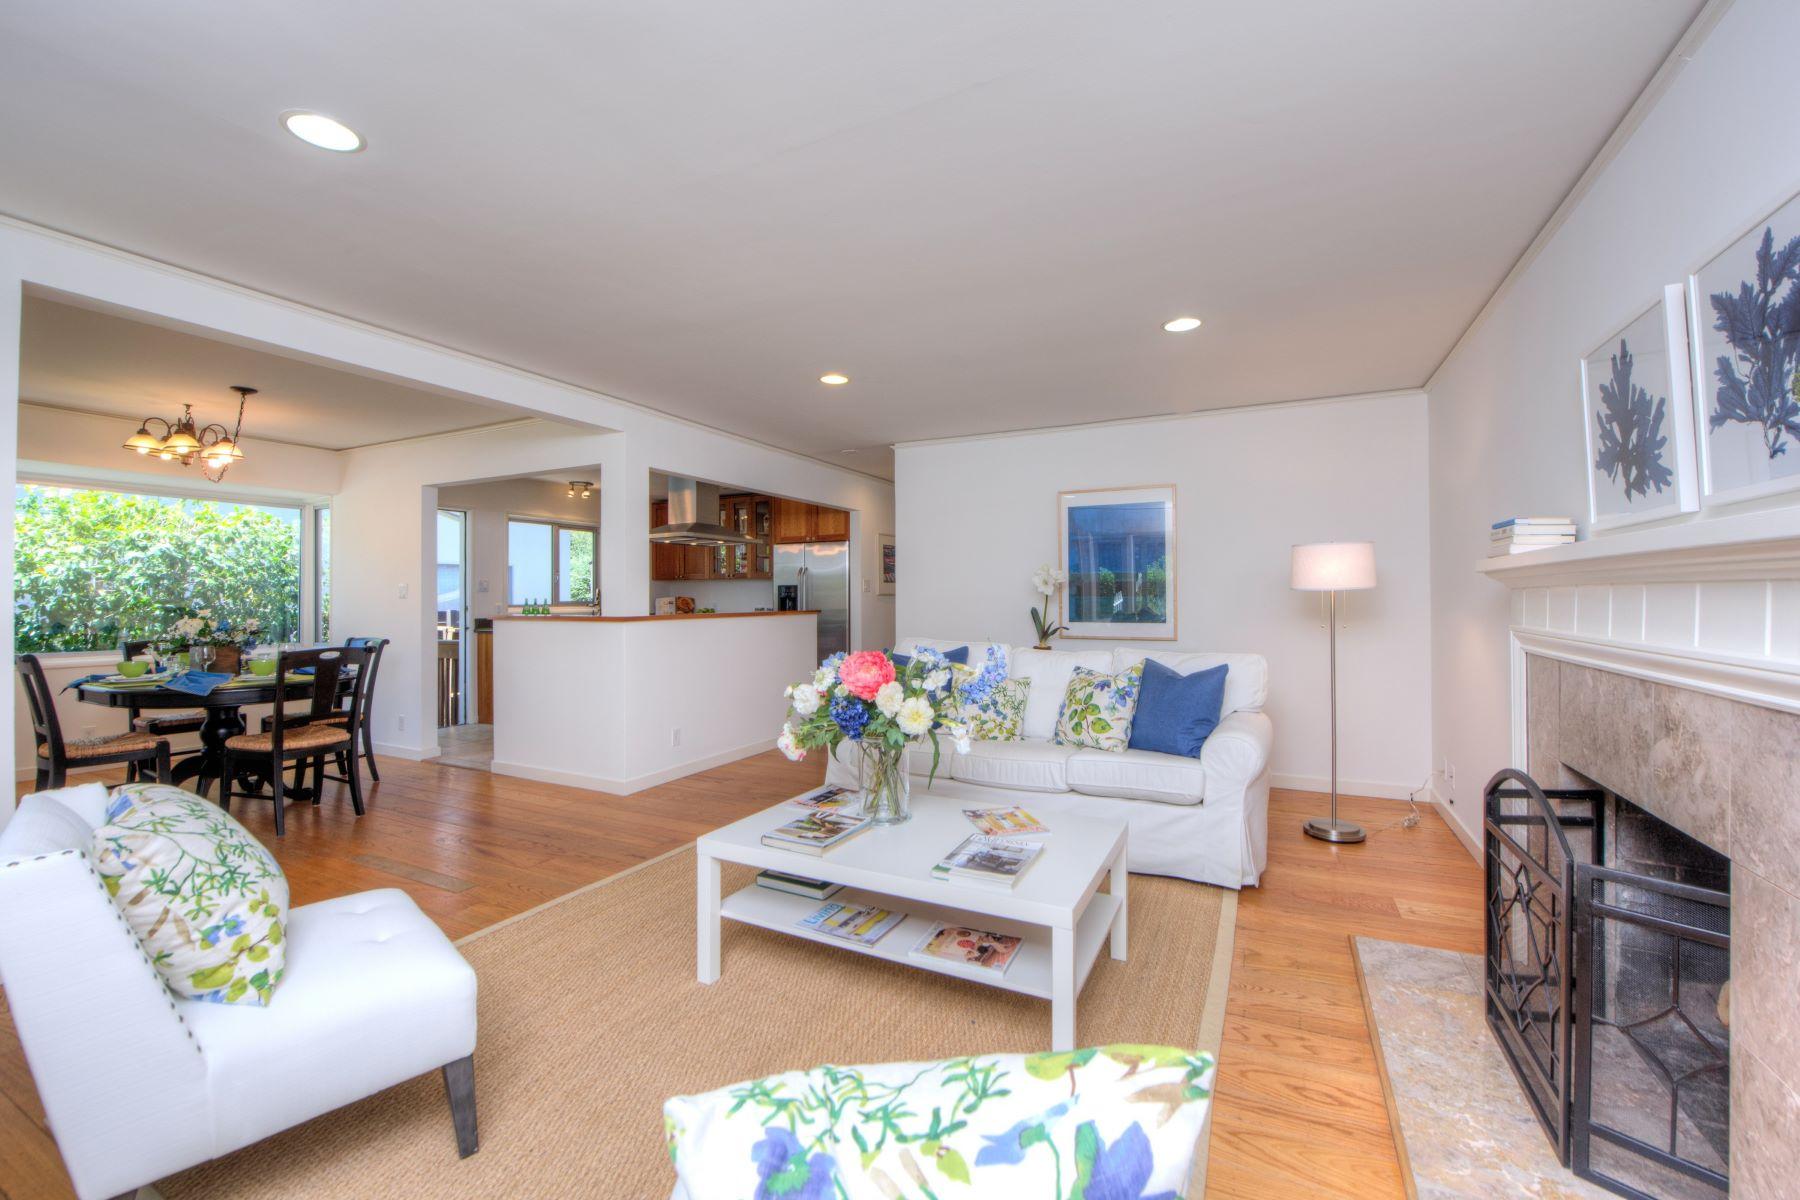 Casa para uma família para Venda às One-Level Charmer in Coveted San Anselmo! 47 El Cerrito Ave San Anselmo, Califórnia, 94960 Estados Unidos